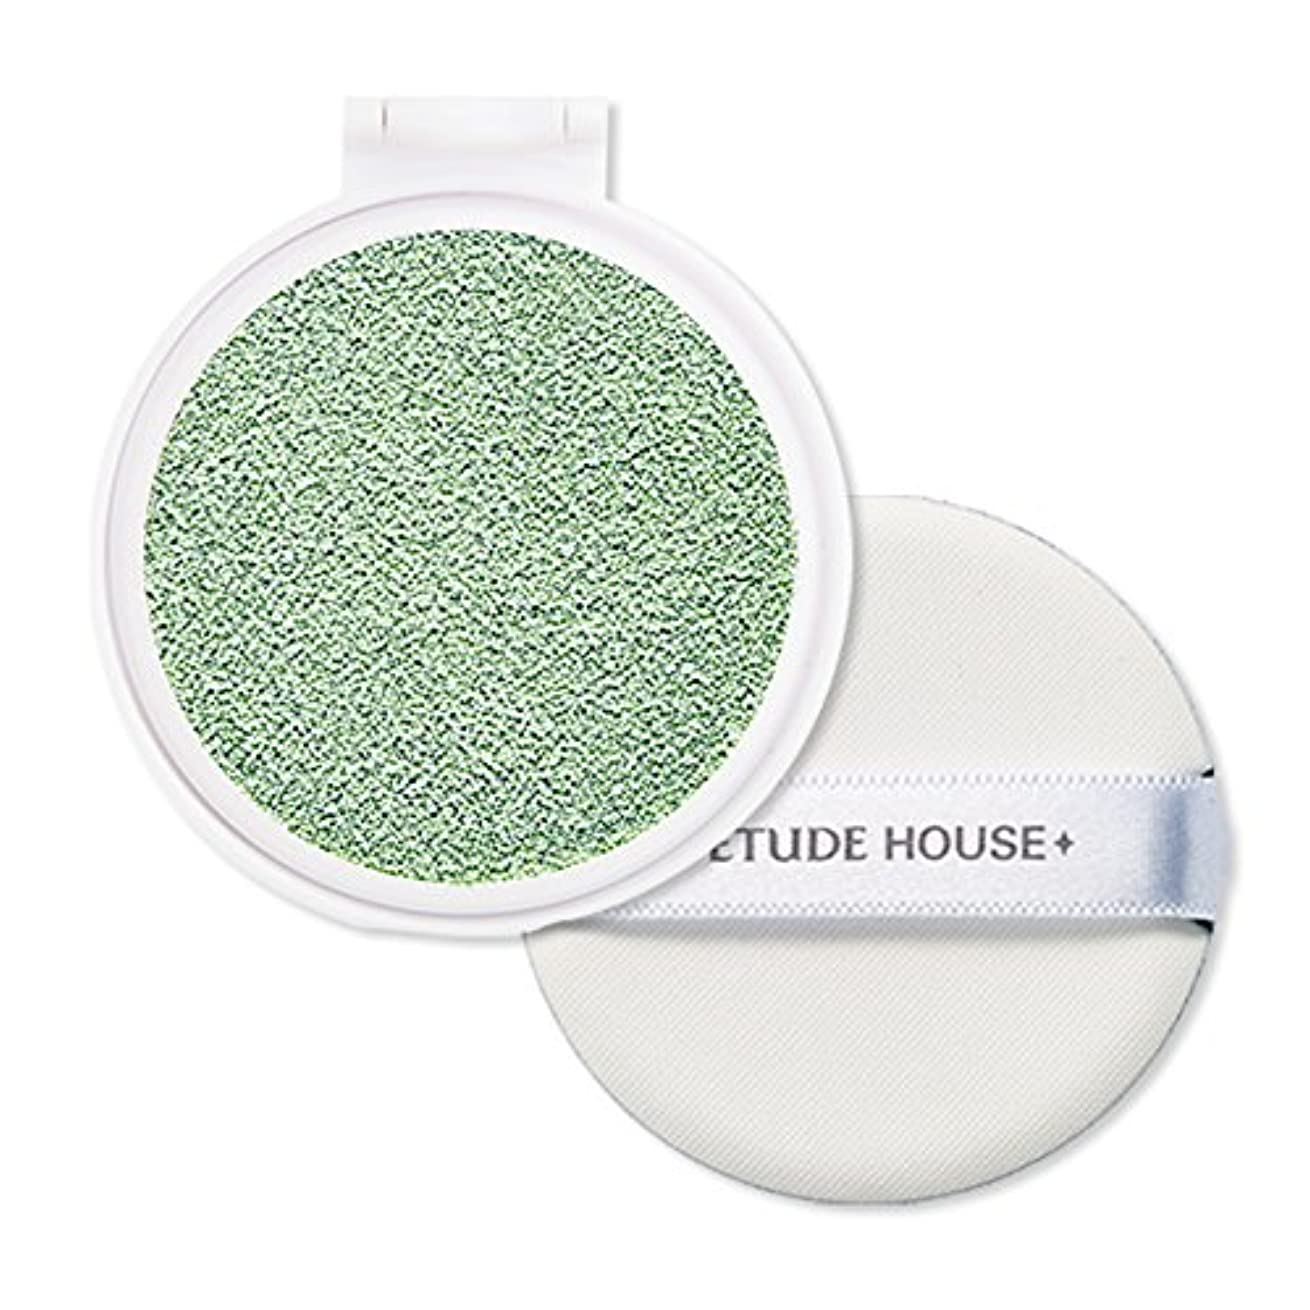 エチュードハウス(ETUDE HOUSE) エニークッション カラーコレクター レフィル Mint